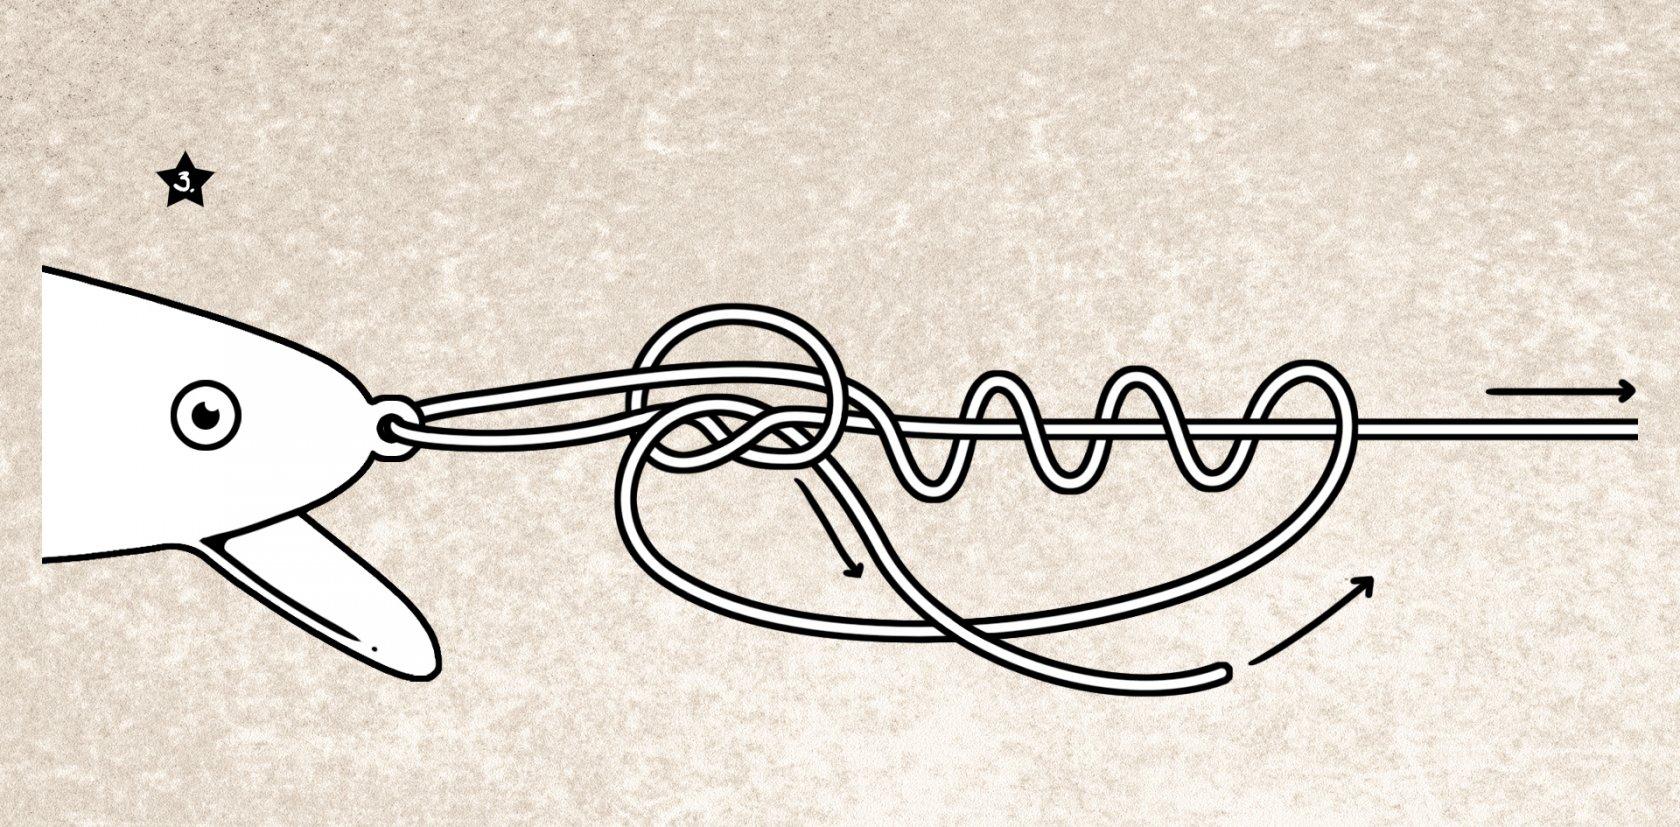 Angelknoten Rapala-Knoten